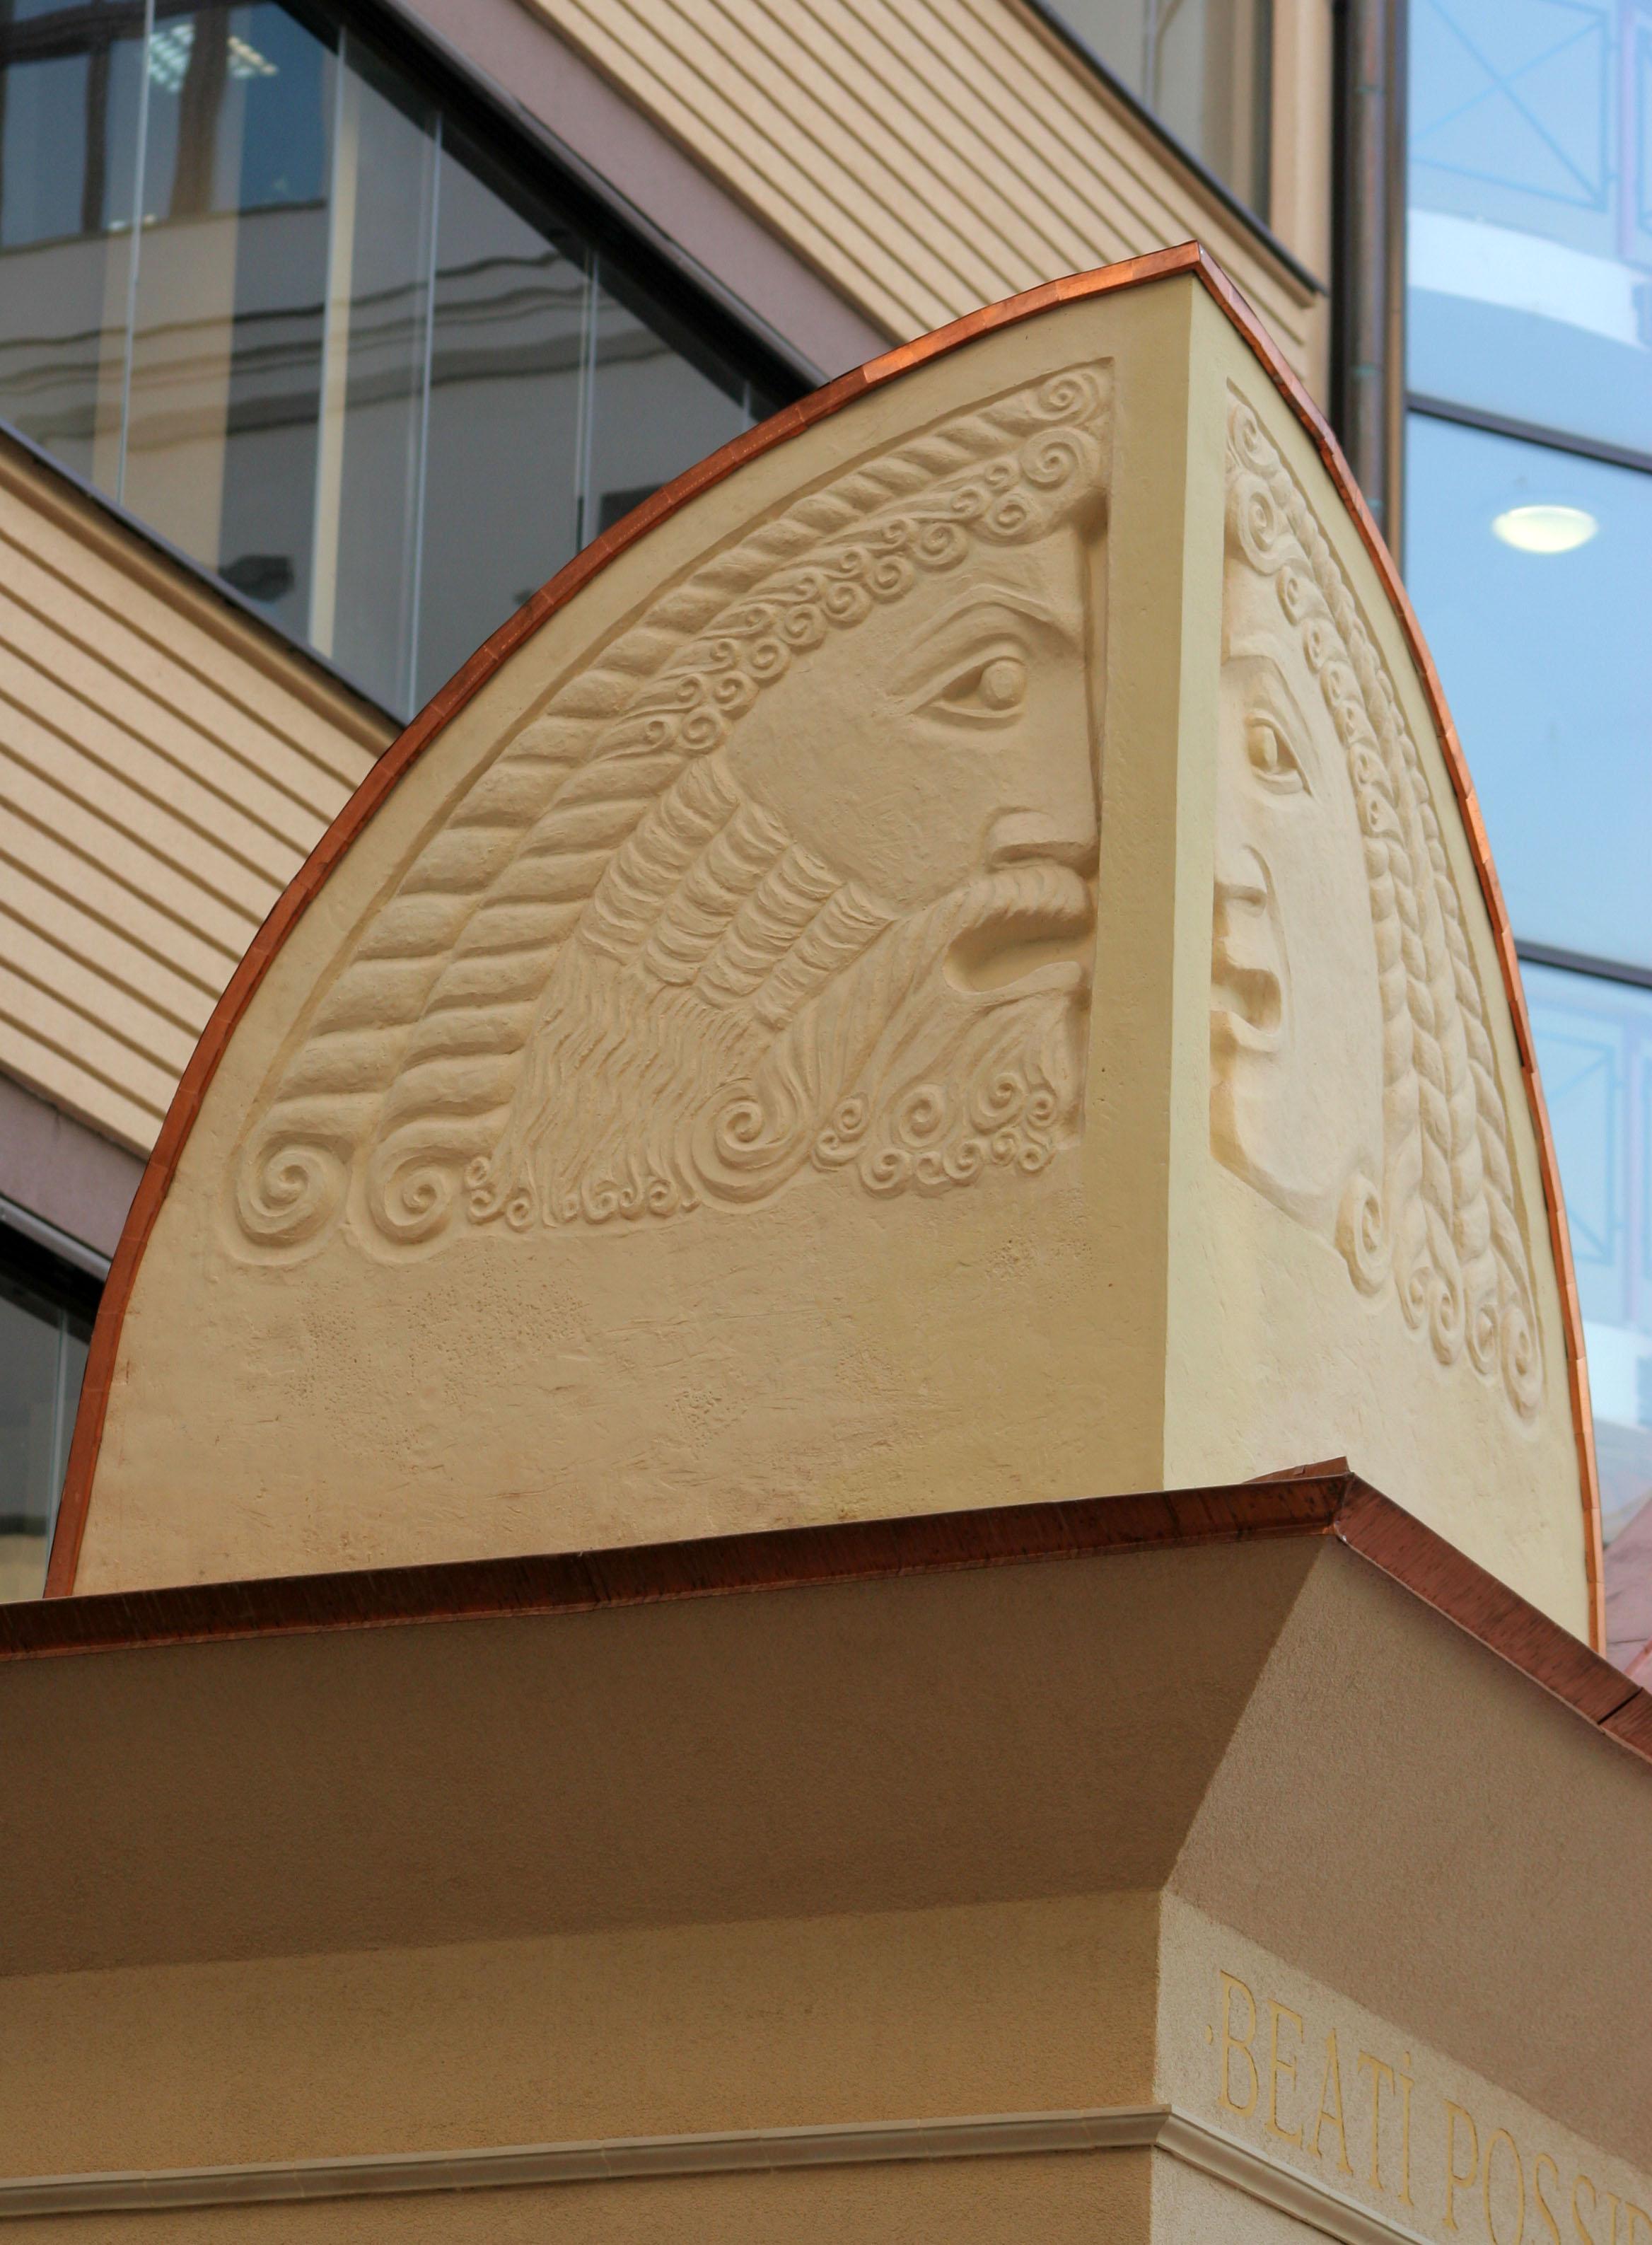 Маскарон на фронтоне входной группы здания по адресу Филипповский пер. 13. Работа выполнена Еленой Афти в рамках предприятия Город Богов.